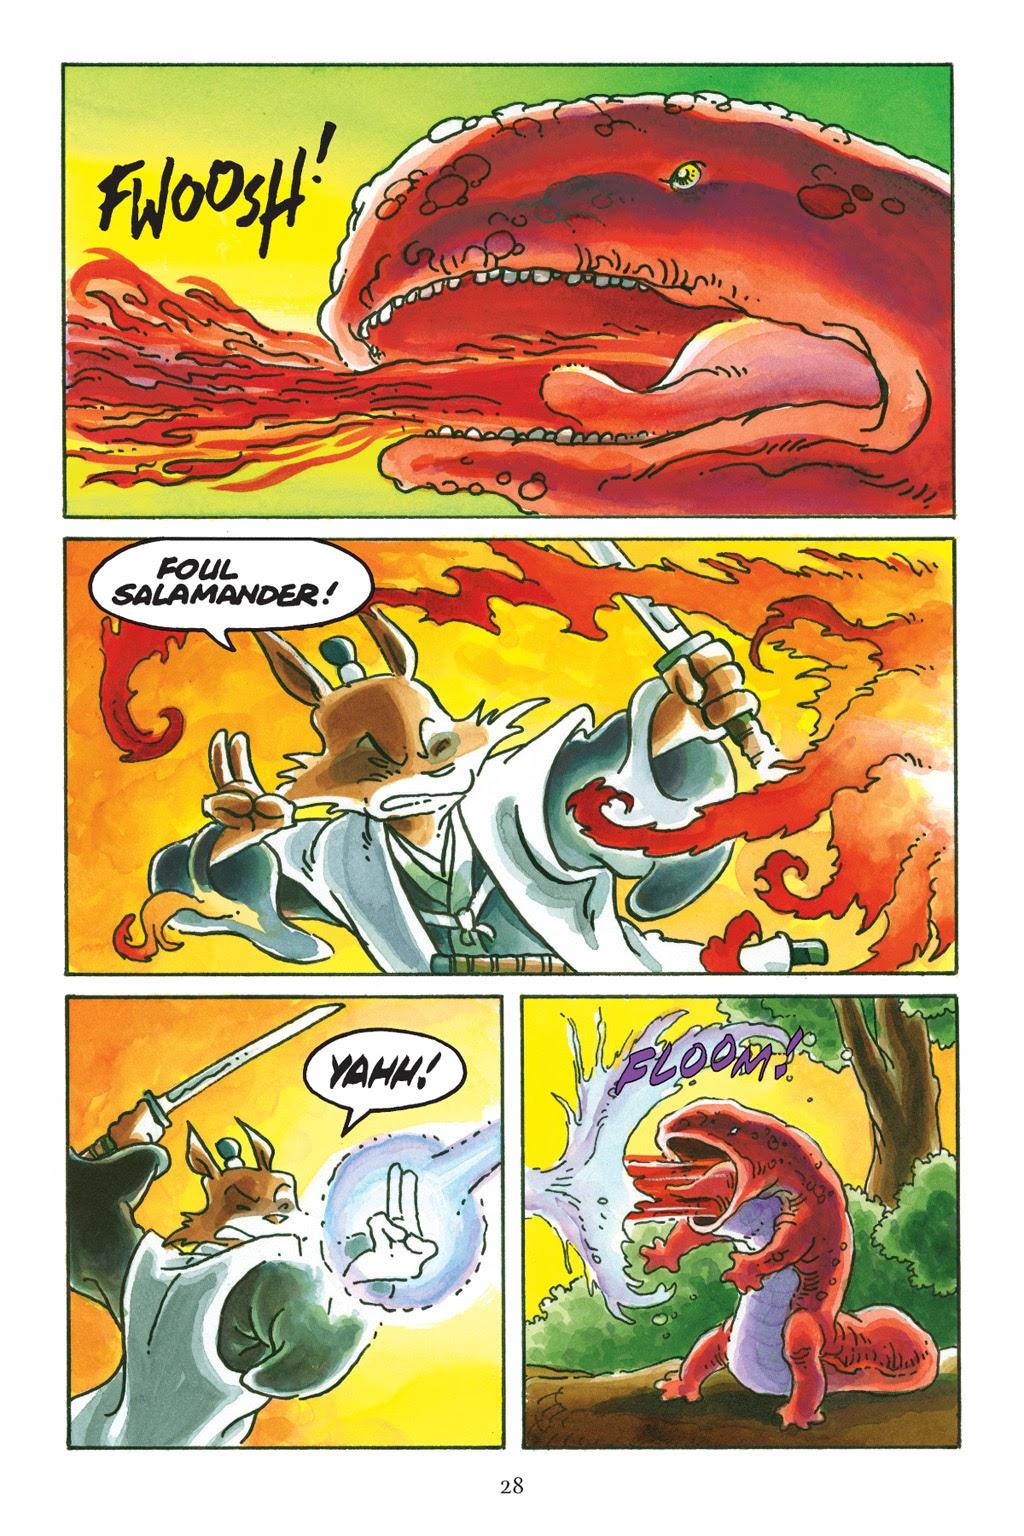 Read online Usagi Yojimbo: Yokai comic -  Issue # Full - 28